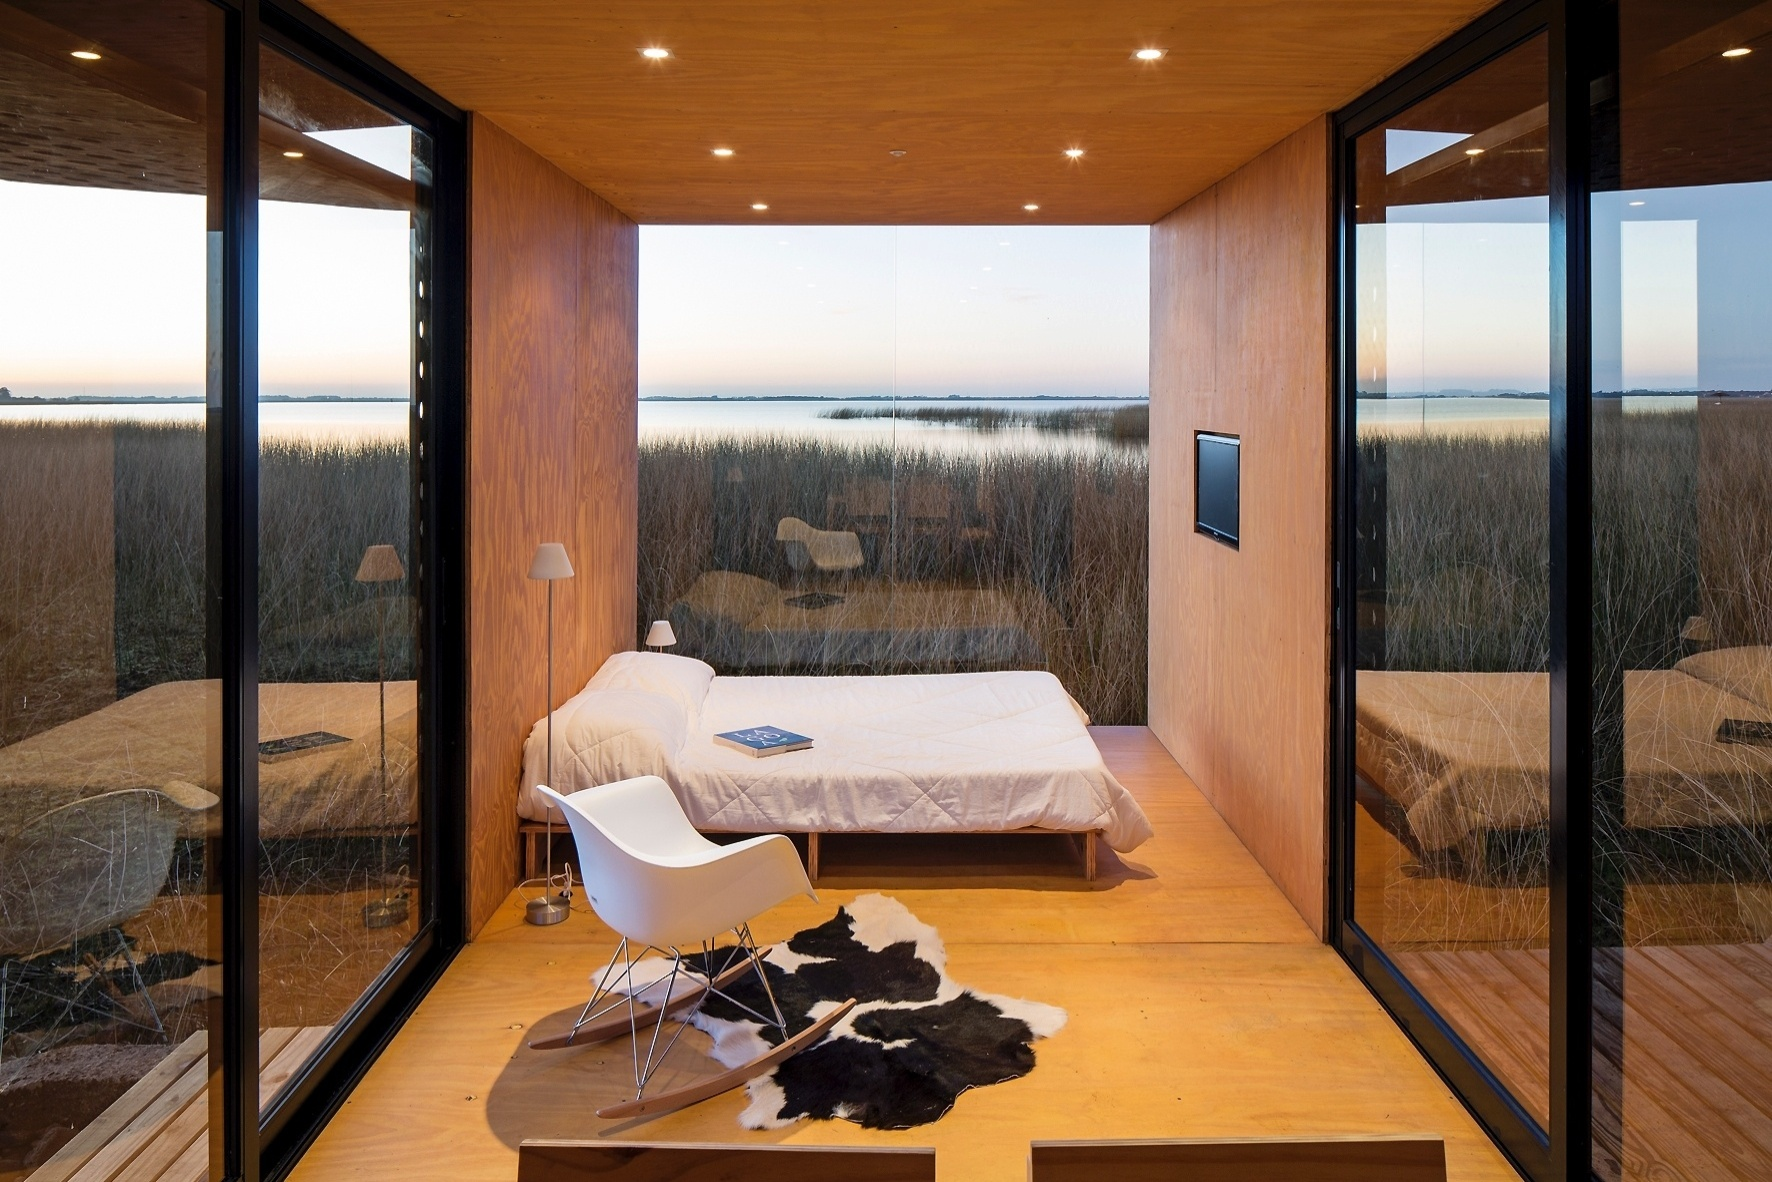 A integração do interior com o exterior acontece naturalmente na casa MiniMod, projetada pelo escritório MAPA